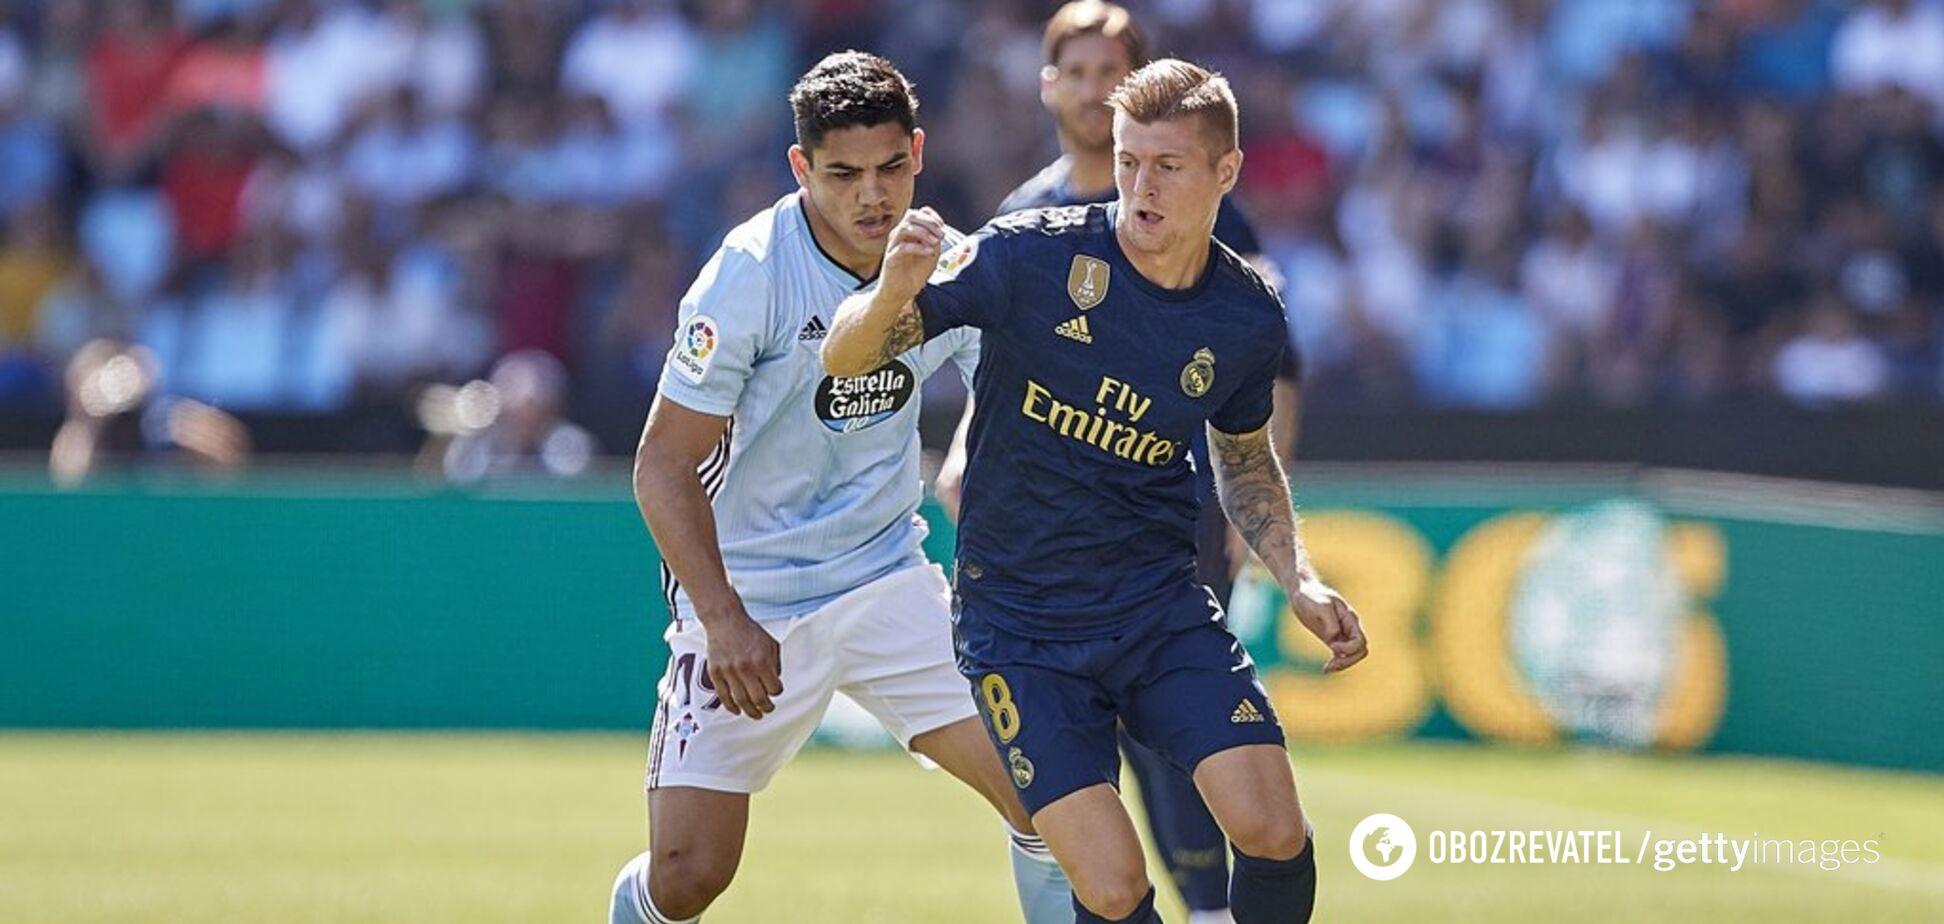 Футболист 'Реала' забил шедевральный гол с 20 метров